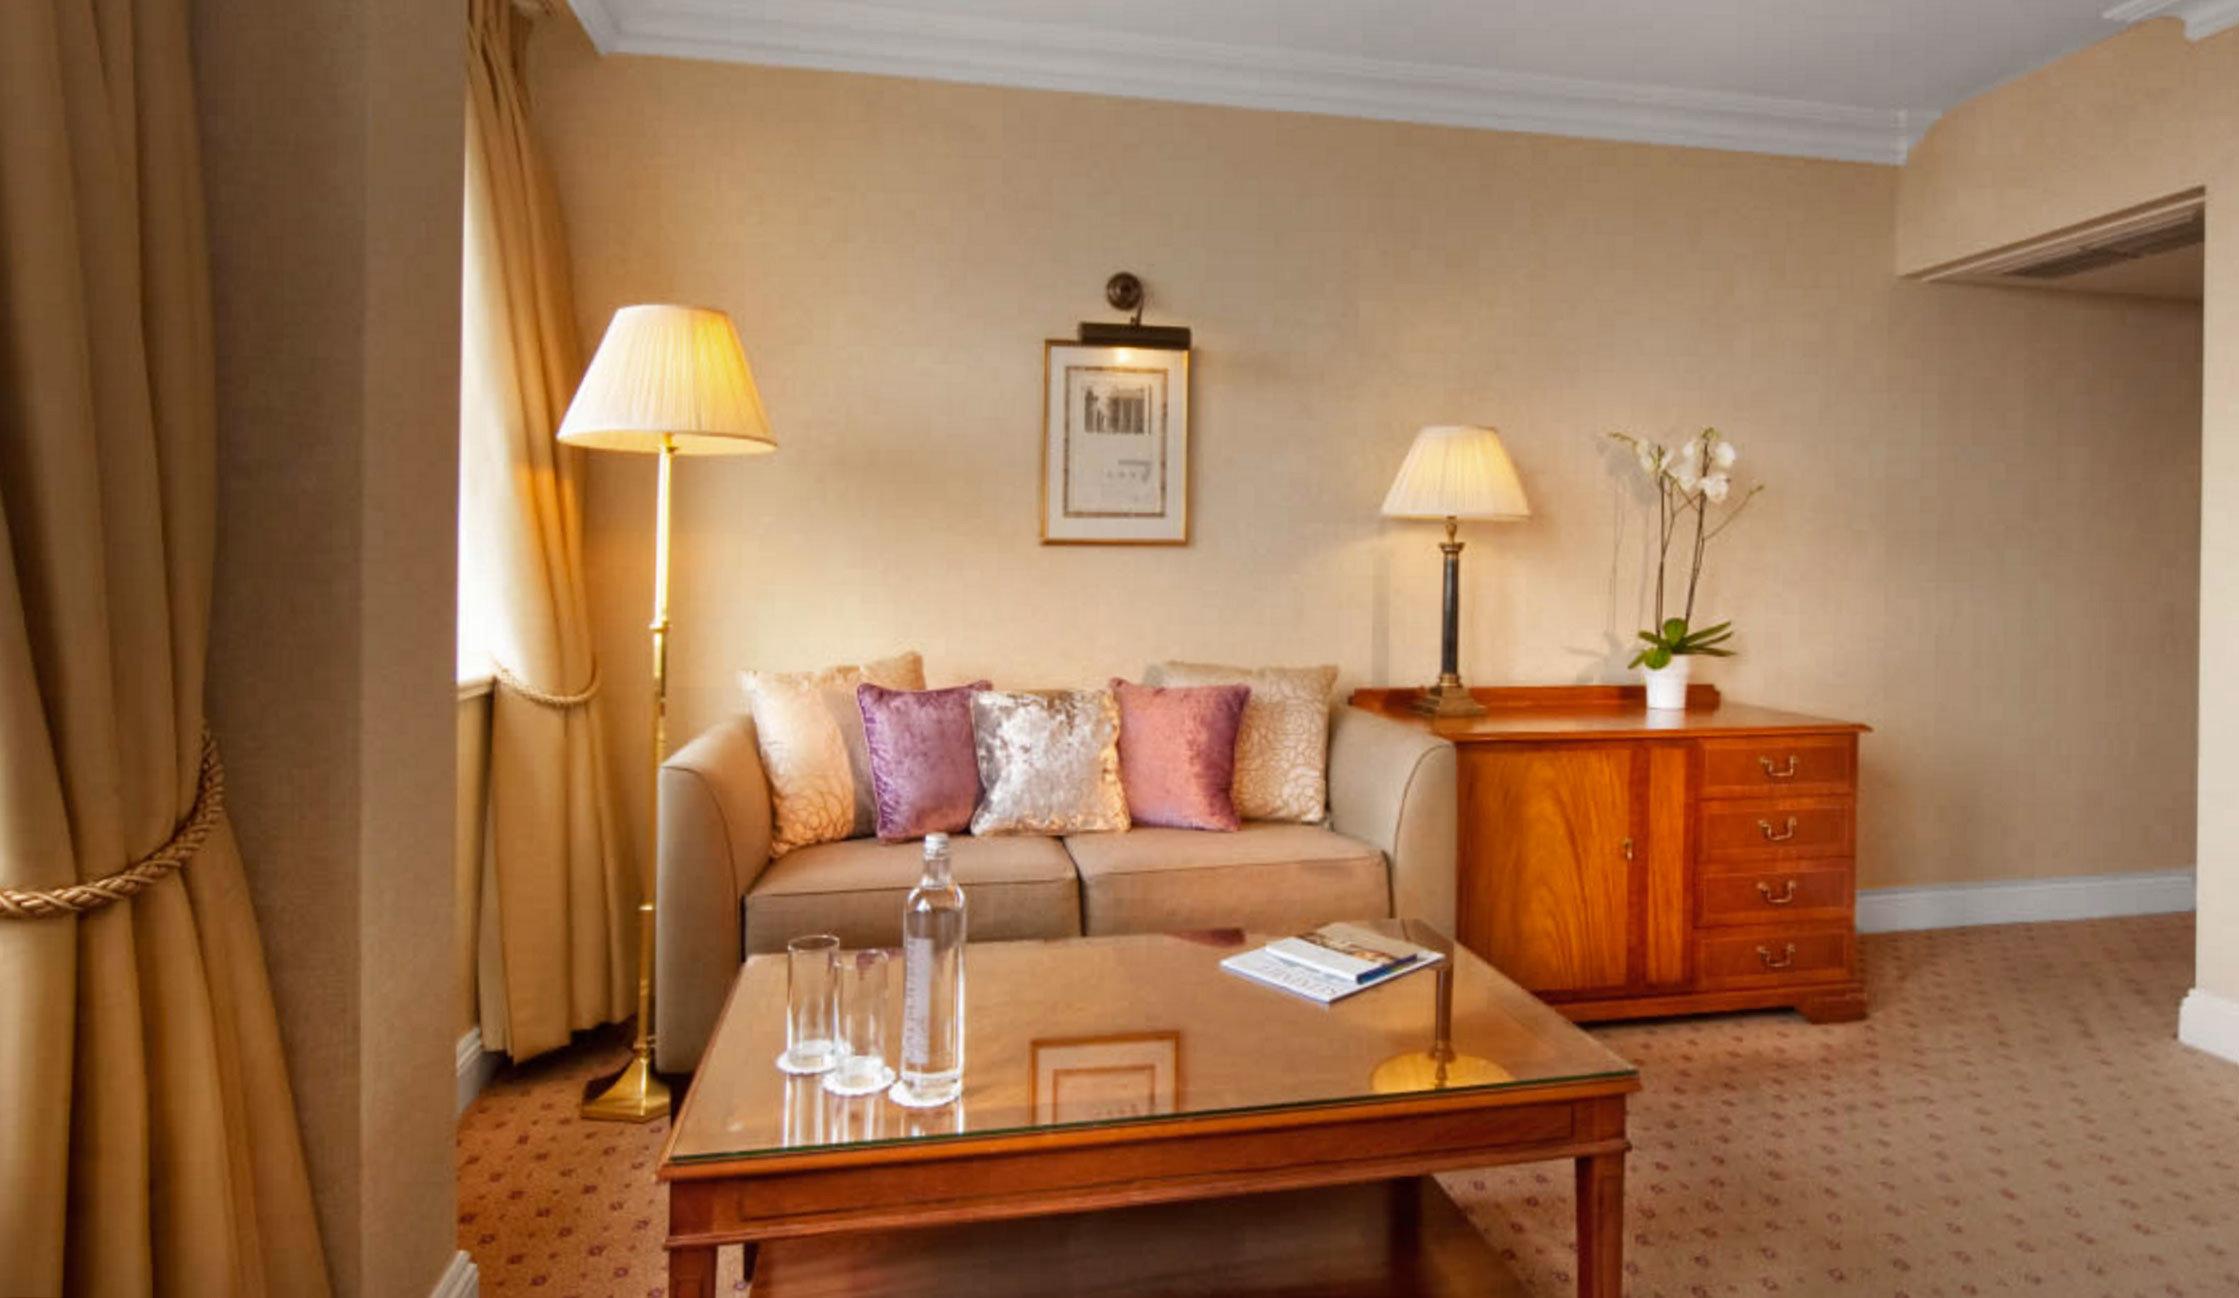 property Suite home cottage hardwood living room Bedroom lamp